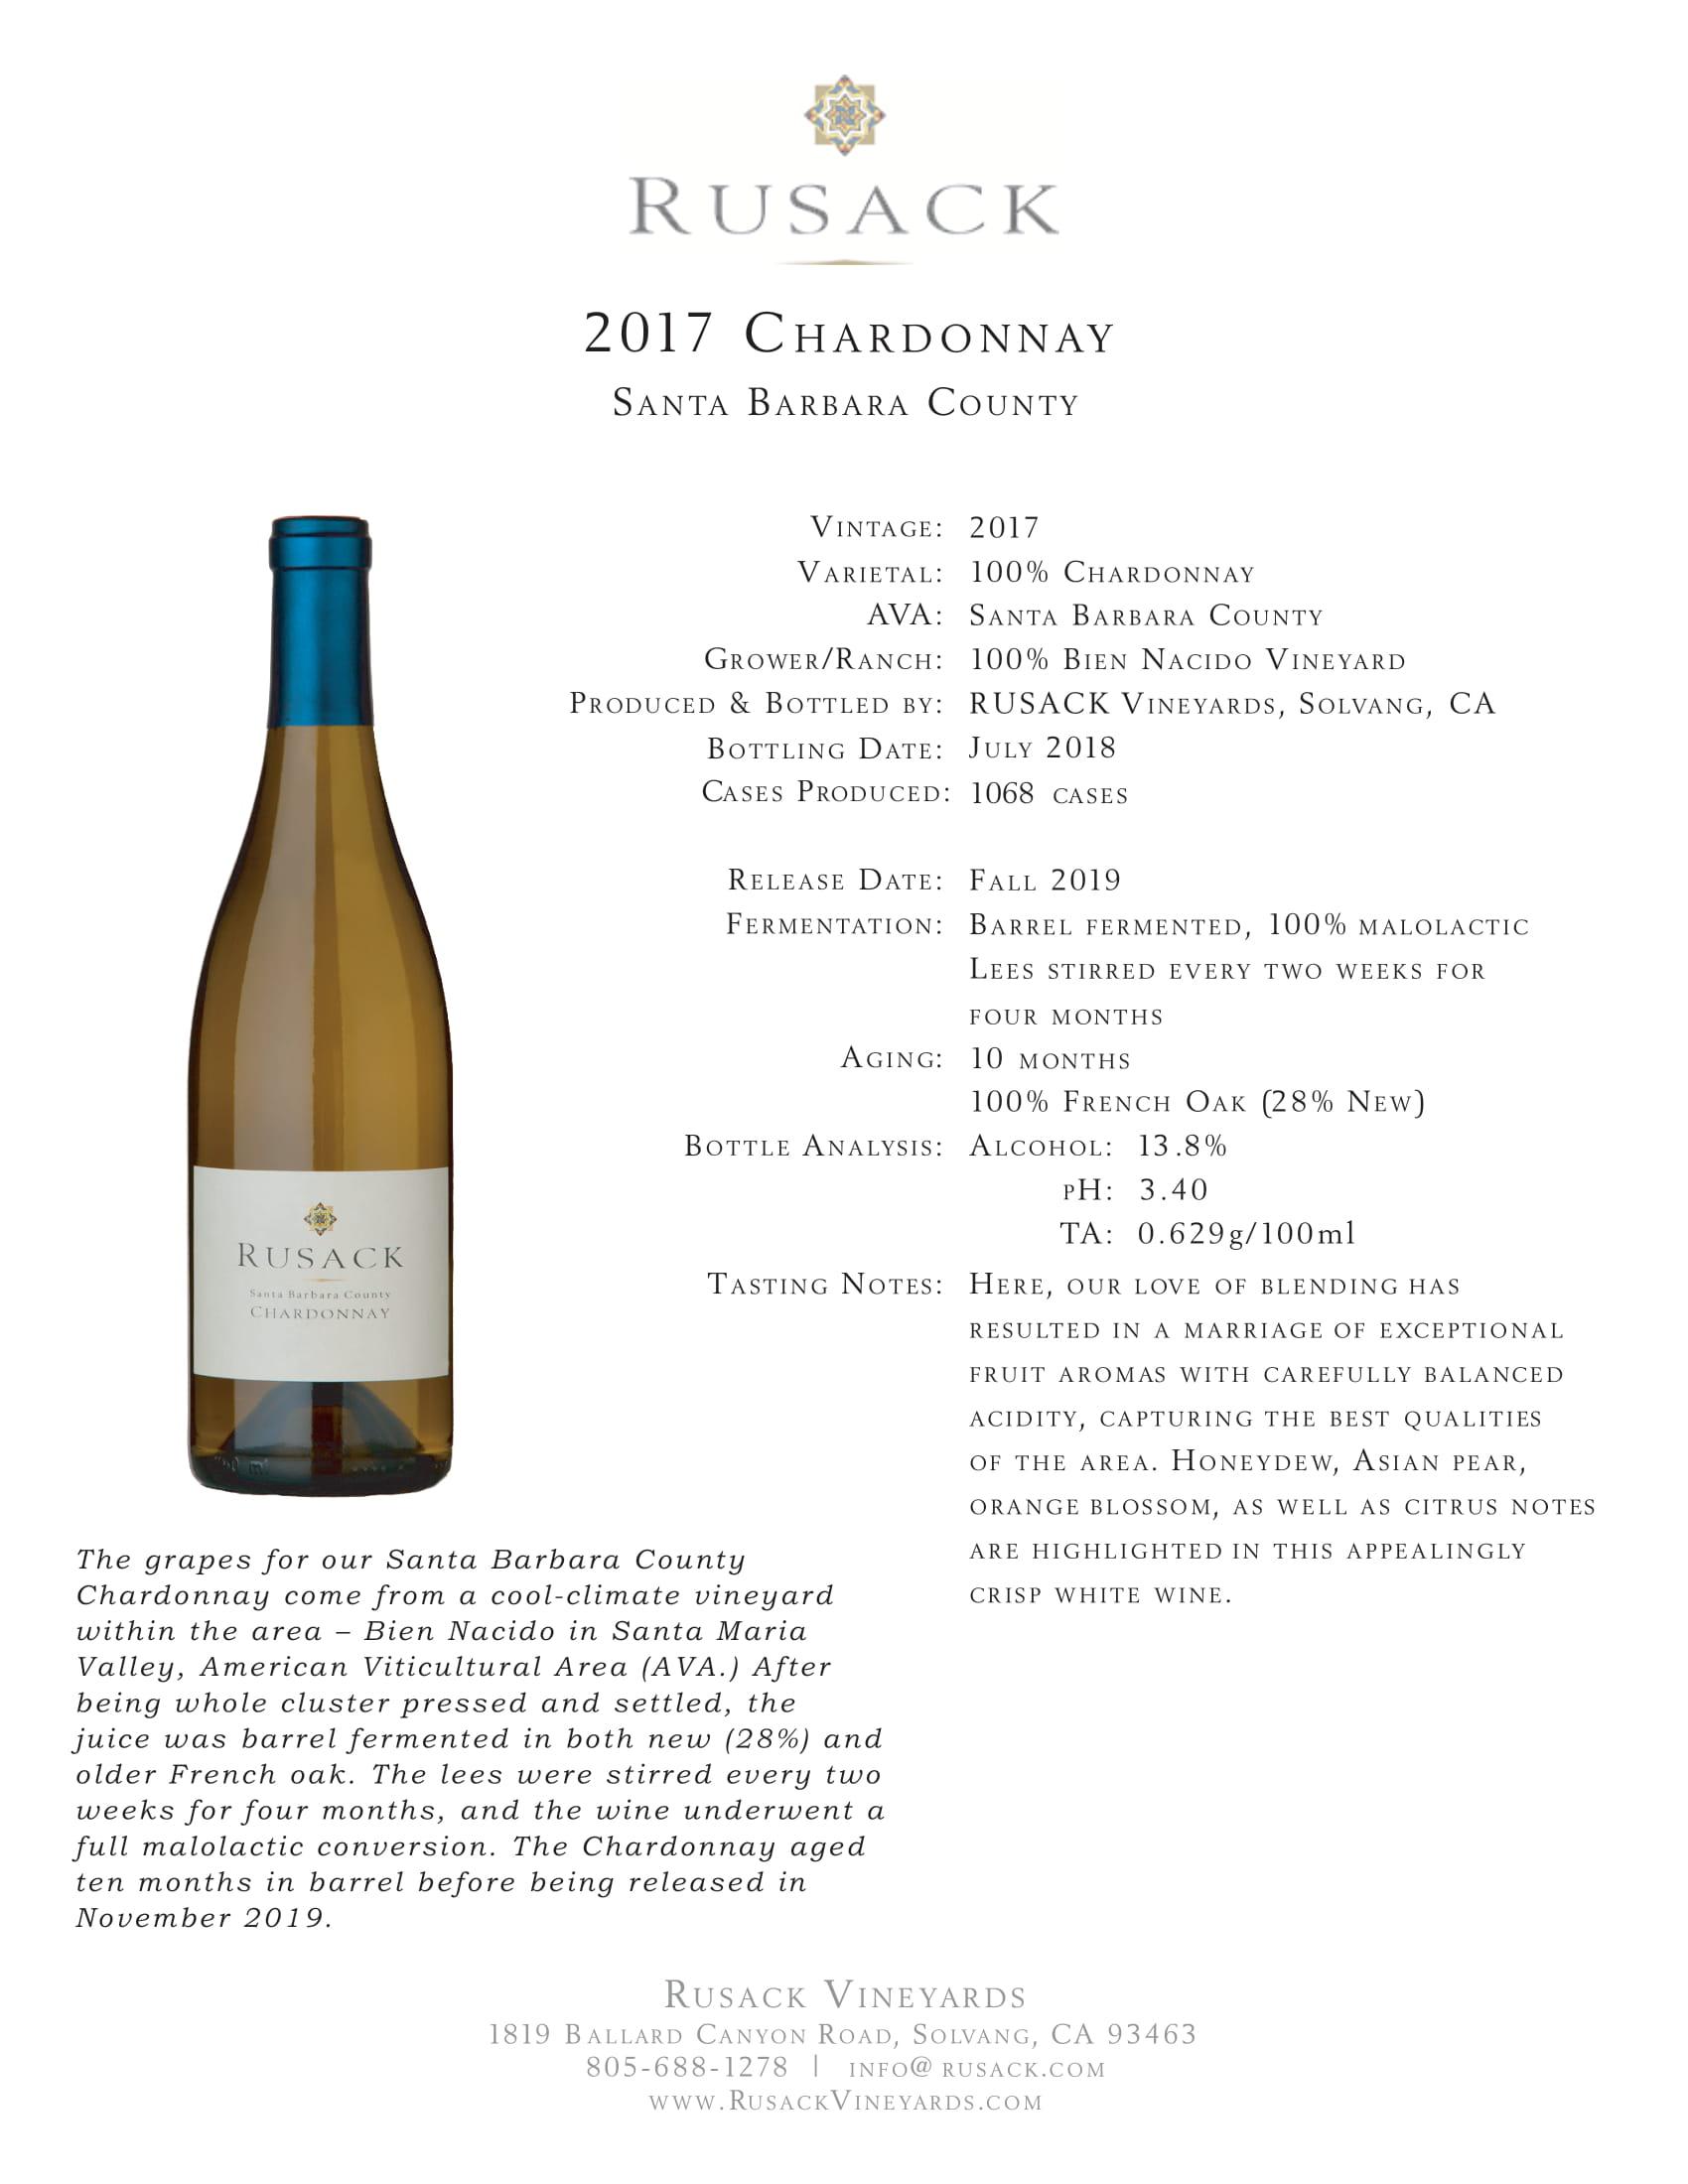 Rusack Vineyards Chardonnay Santa Barbara County Sell Sheet